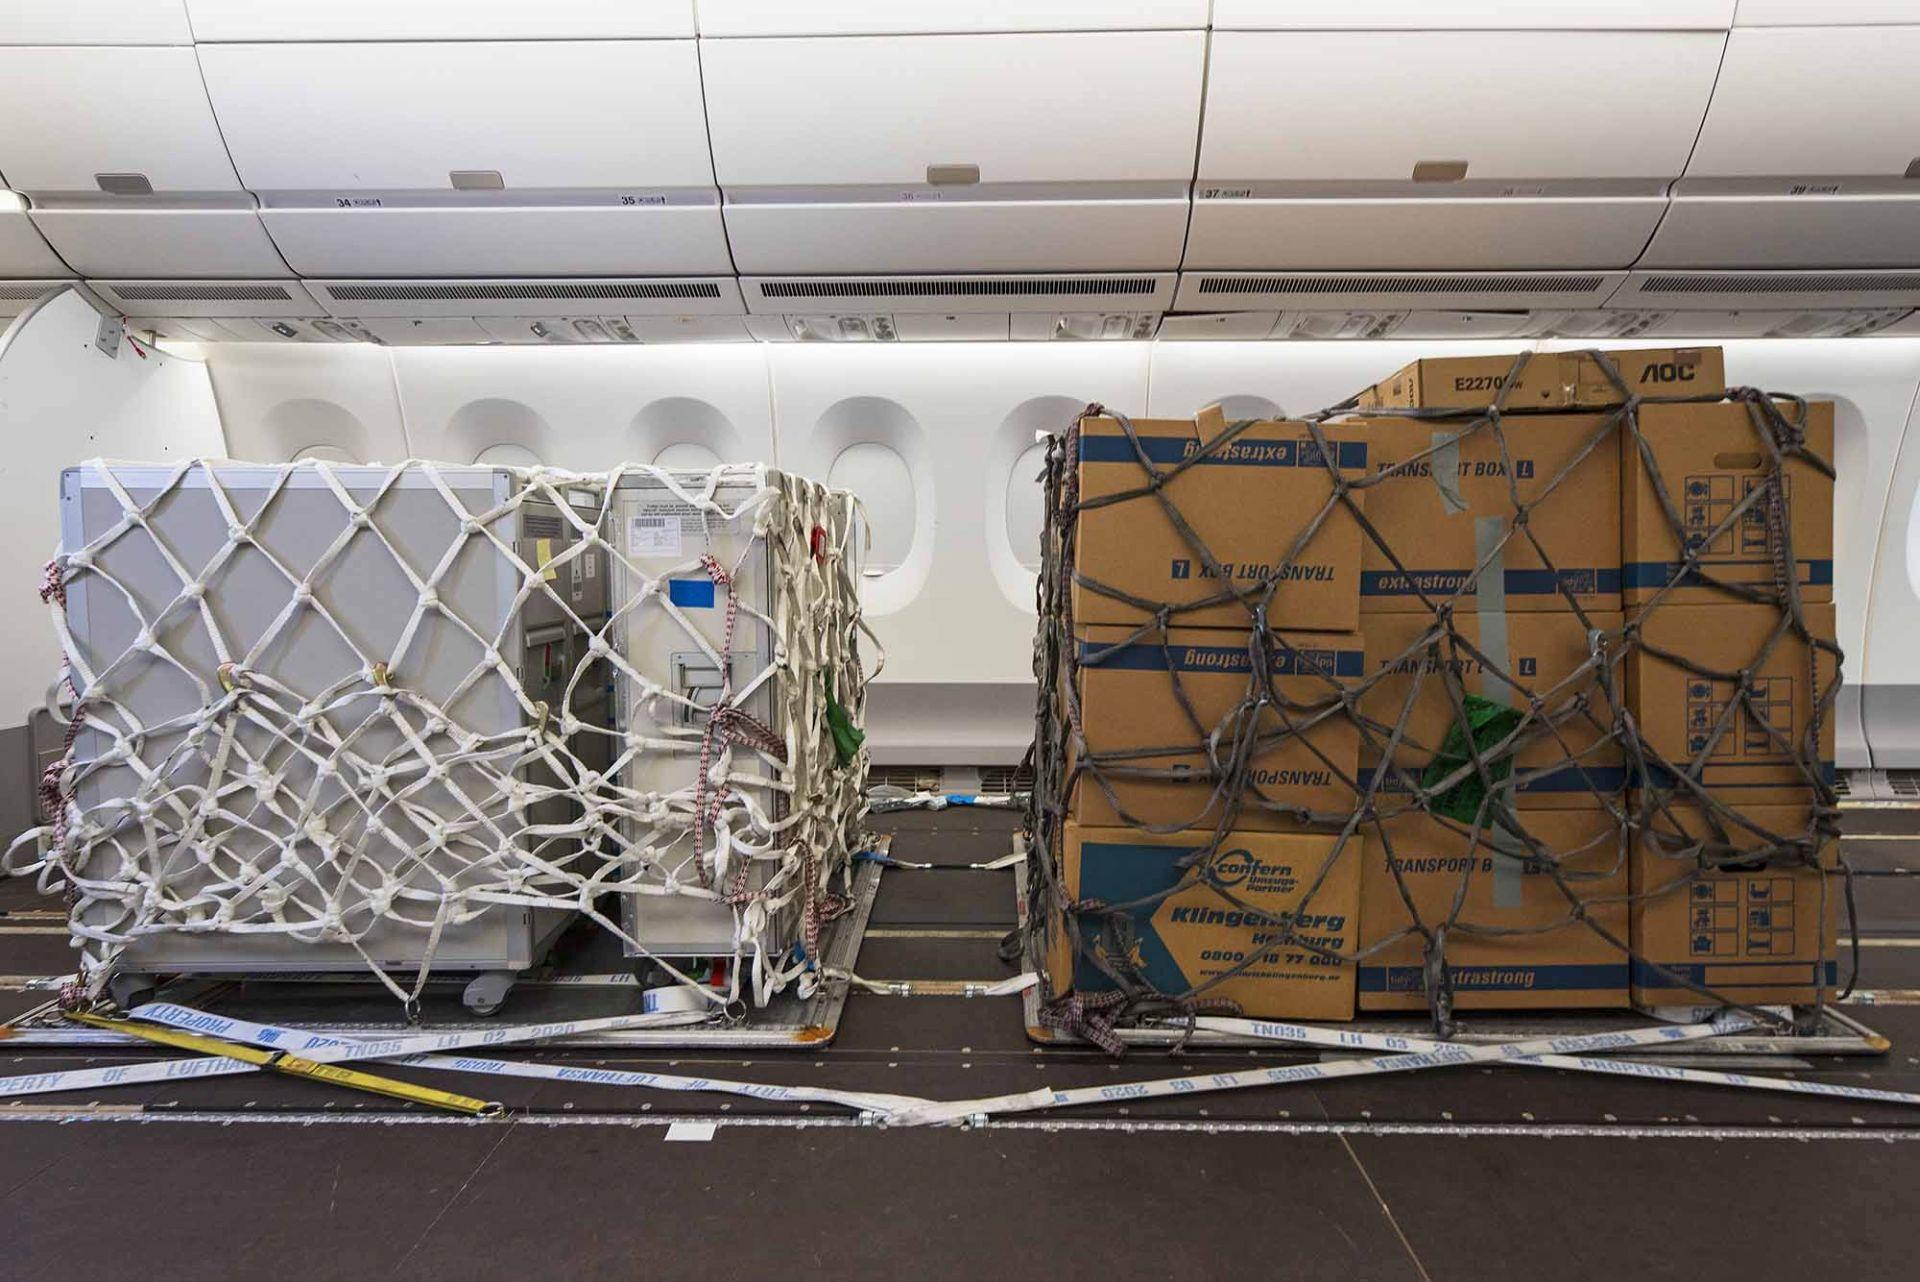 Přeprava nákladních palet na palubě. Foto: Airbus